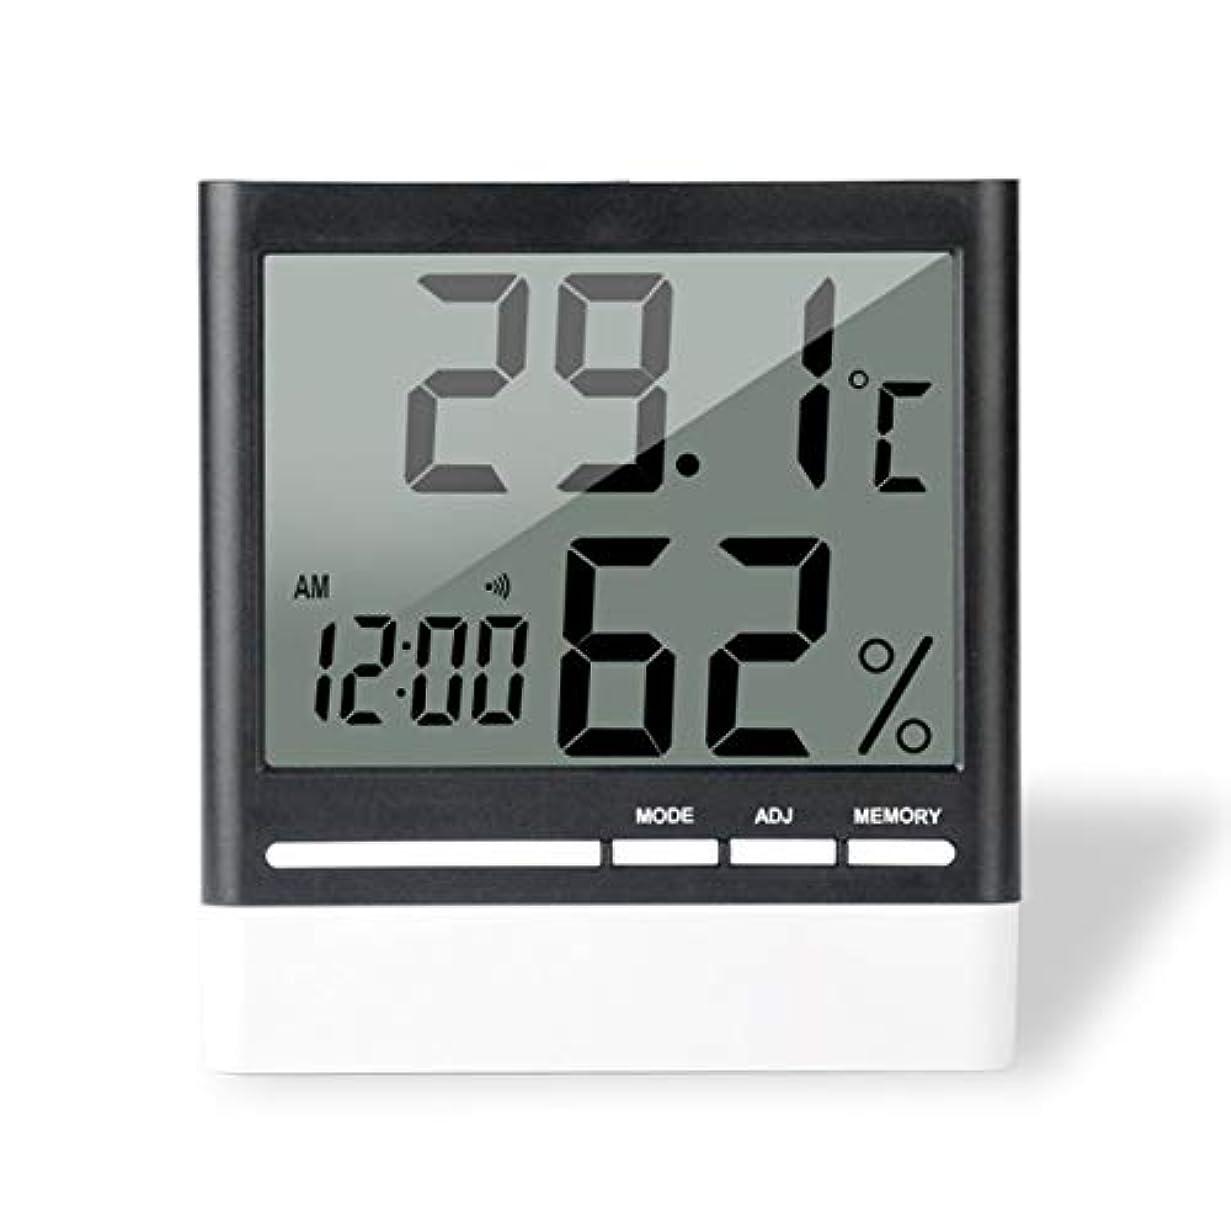 気づくフレッシュジョリーSaikogoods 電子体温計湿度計 デジタルディスプレイ 温度湿度モニター アラーム時計 屋内家庭用 ブラック